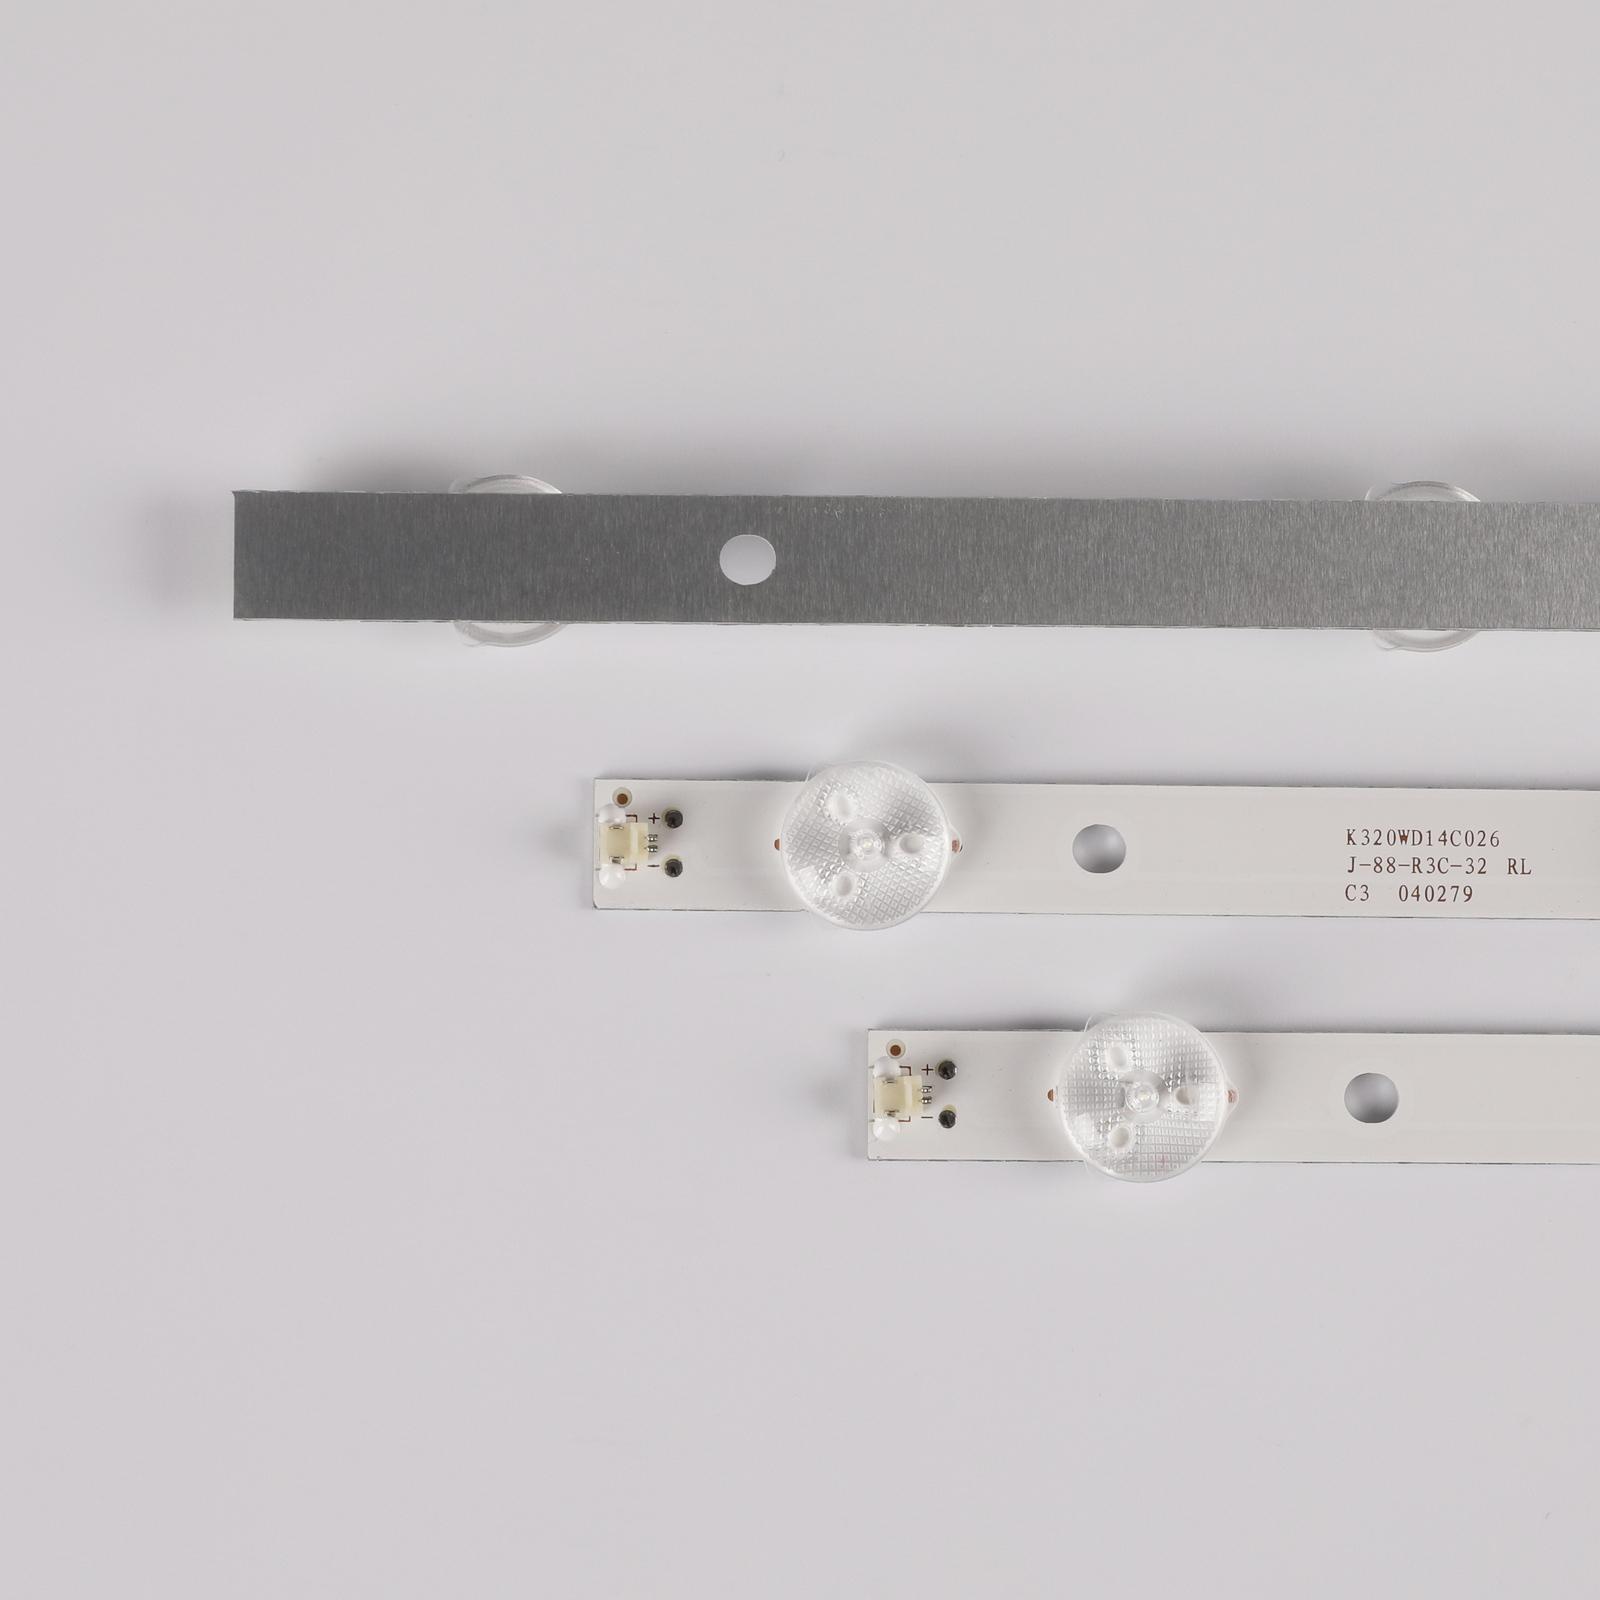 618mm 8LED TV Lamps LED Backlight Strips 4708-K320WD-A4213K01 K320WD A4 2014-8-2 TV Bars Kit LED Bands Rulers K320WD5 K320WD6